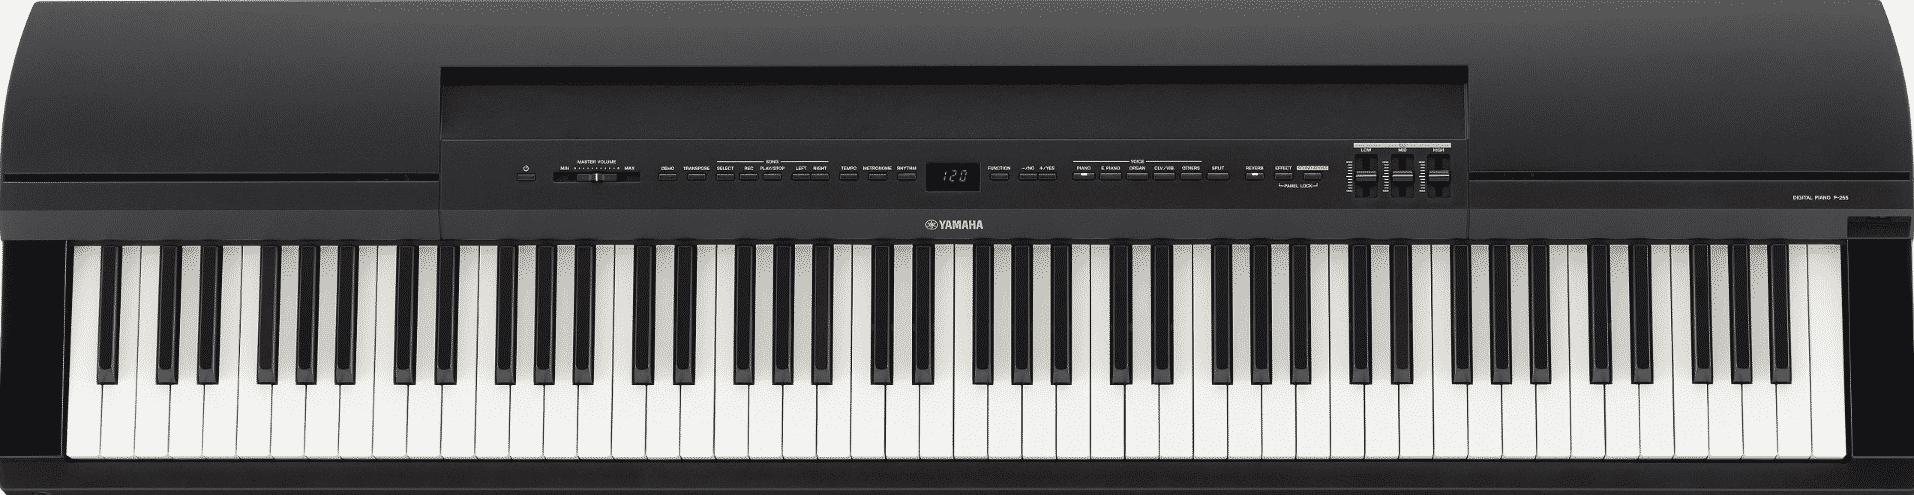 Yamaha P225